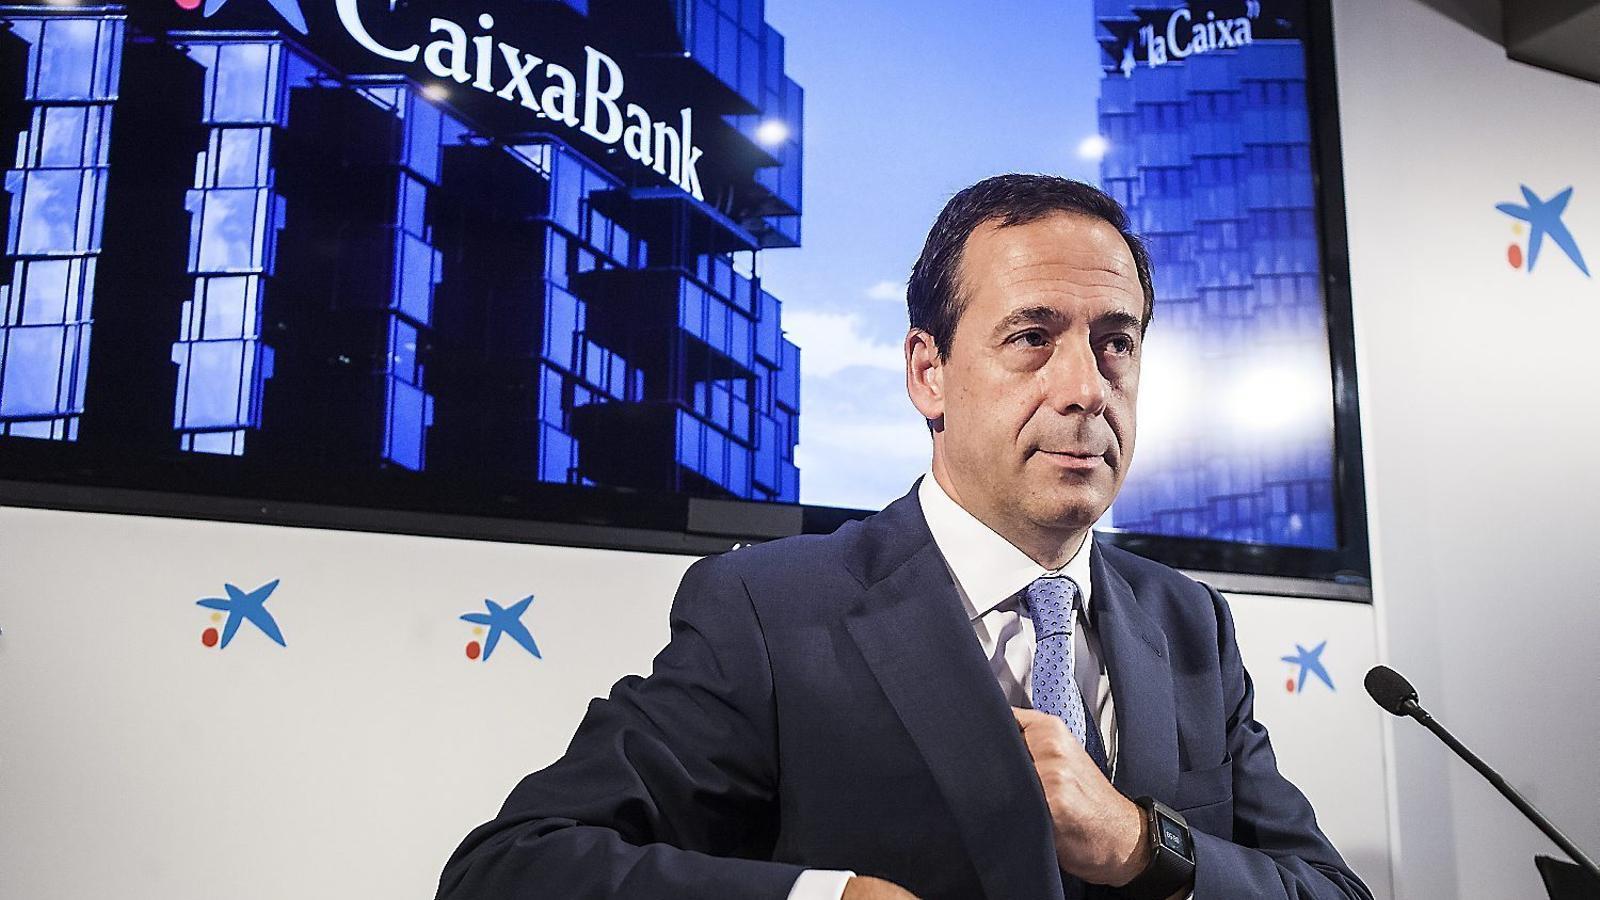 """Gonzalo Gortázar va negar recentment """"canvis dràstics"""" en la plantilla del banc perquè aquests canvis """"acostumen a indicar que hi ha hagut errors""""."""